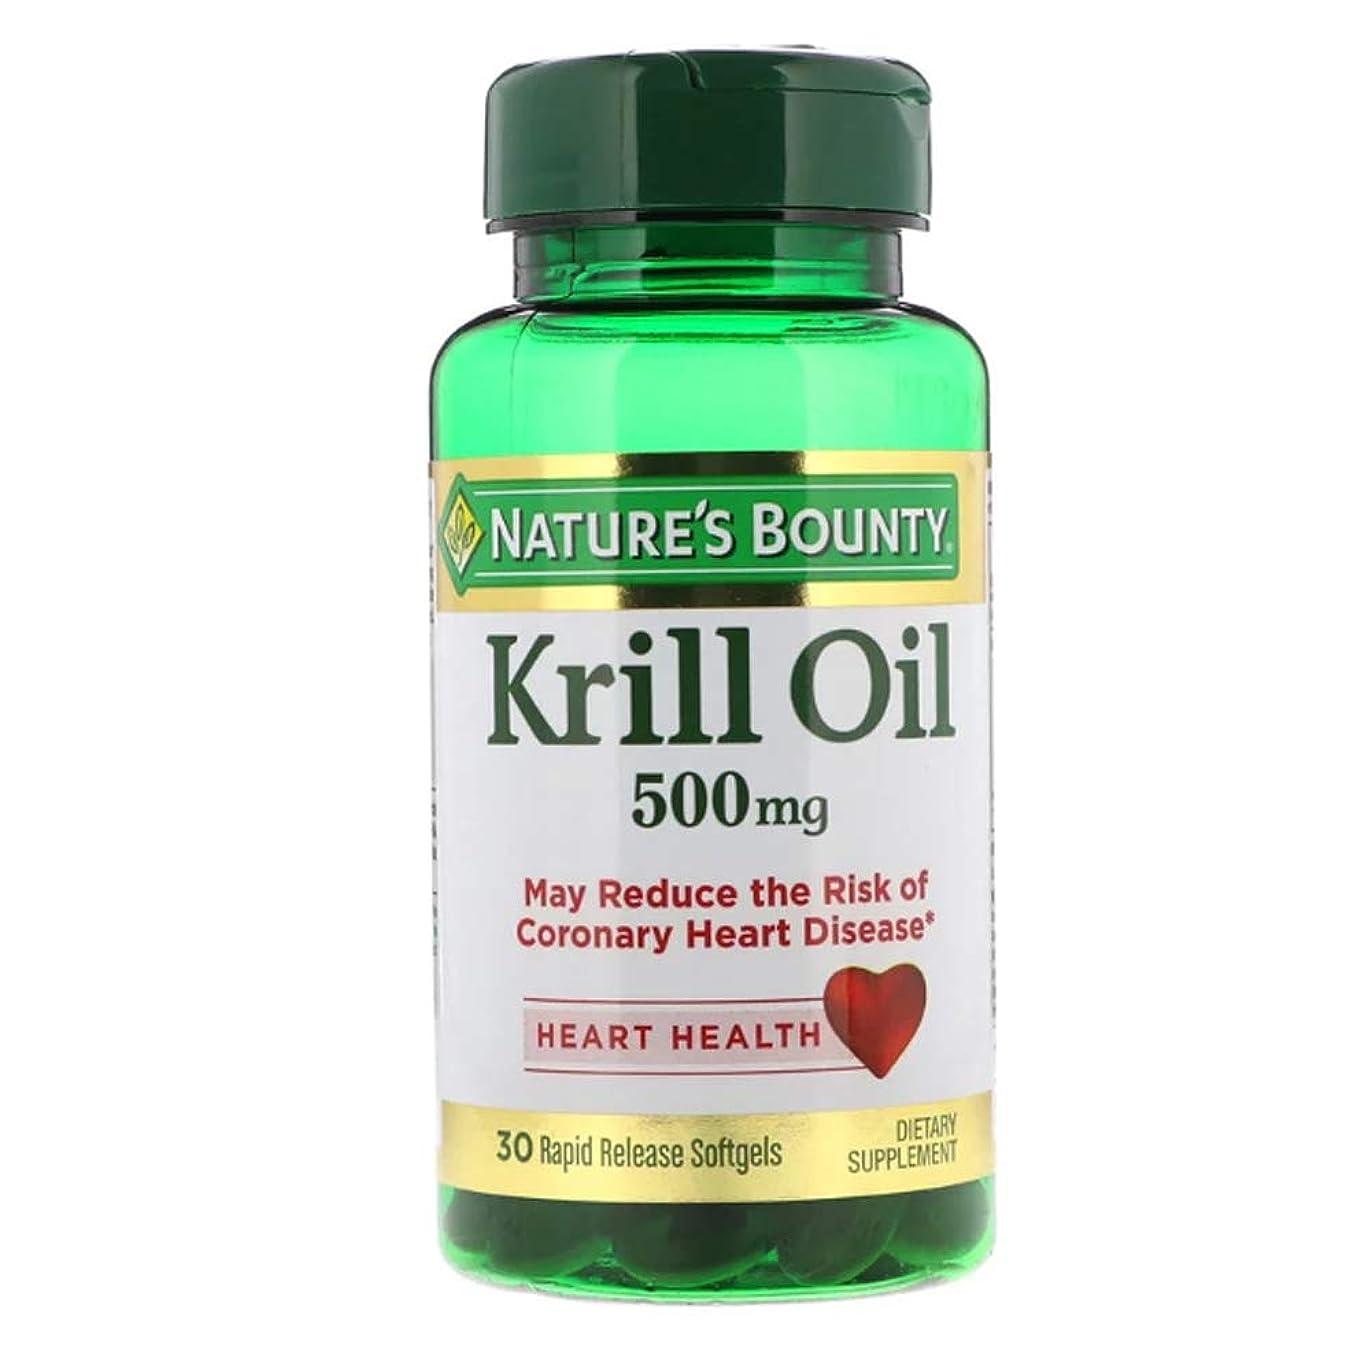 シプリーぐるぐる再生Nature's Bounty クリルオイル 500 mg 急速放出ソフトジェル 30粒 【アメリカ直送】